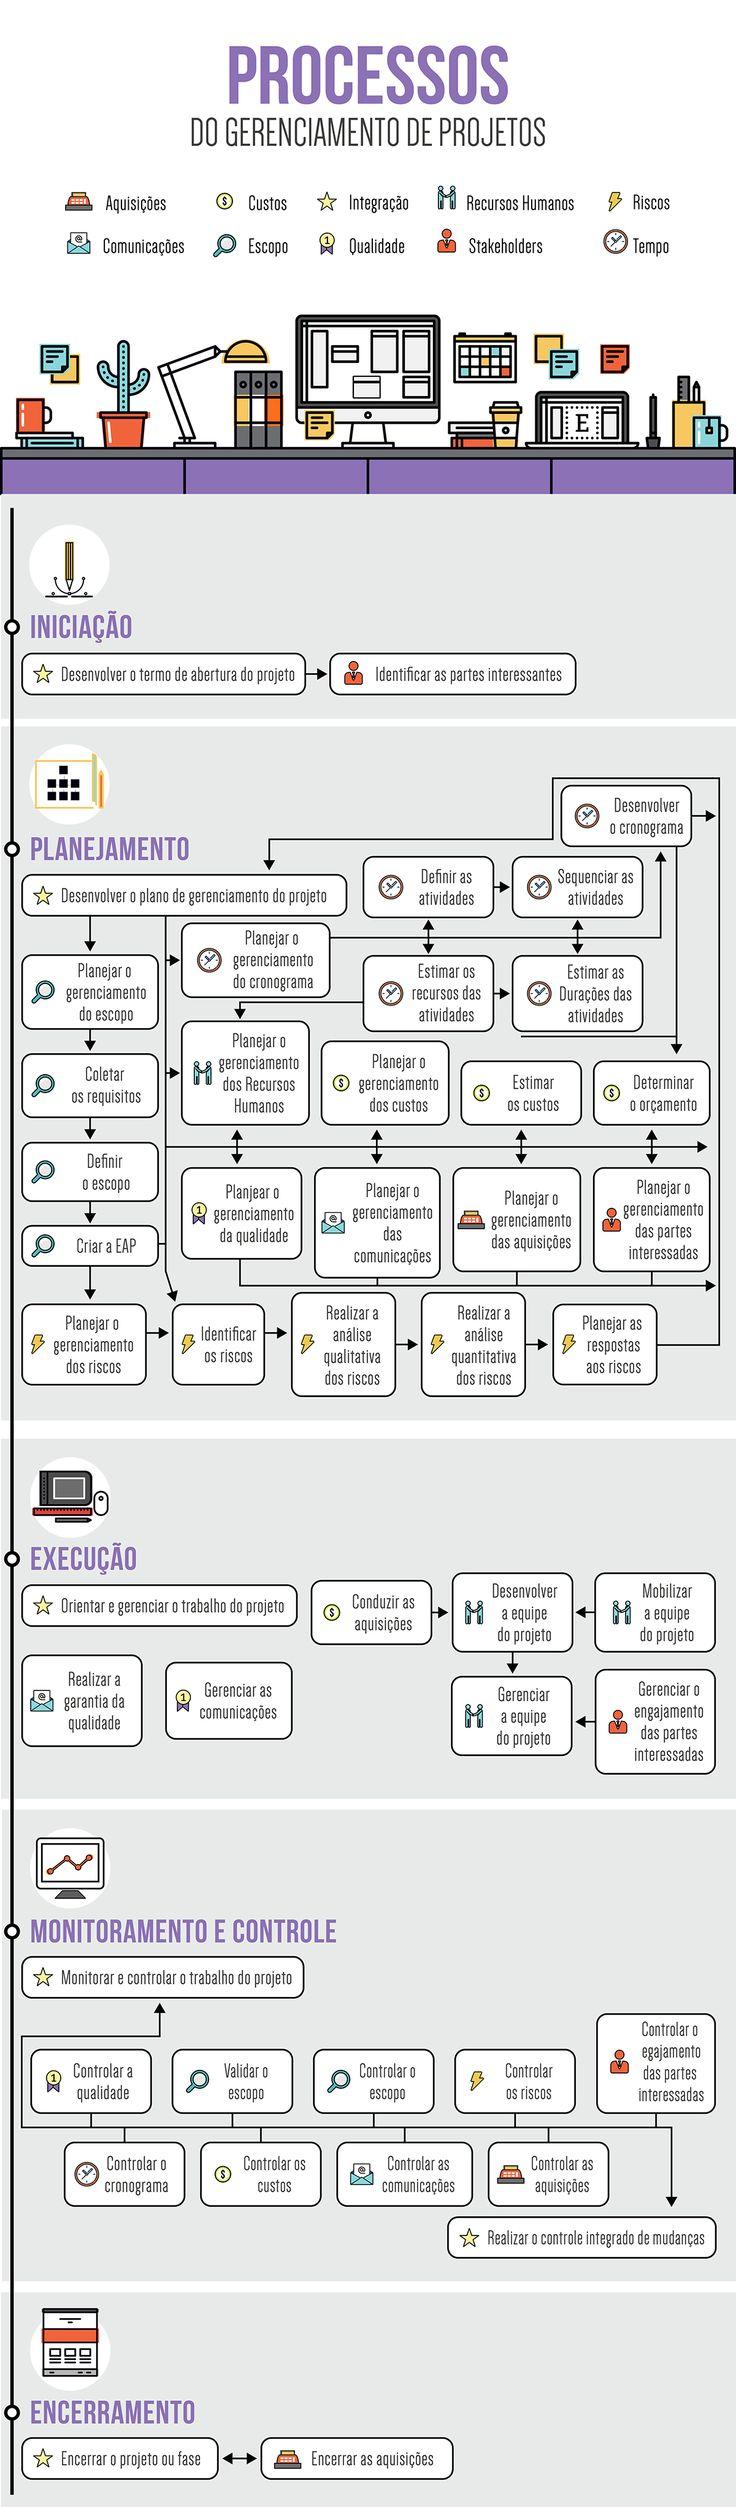 Processos do Gerenciamento de Projetos Infográfico on Behance